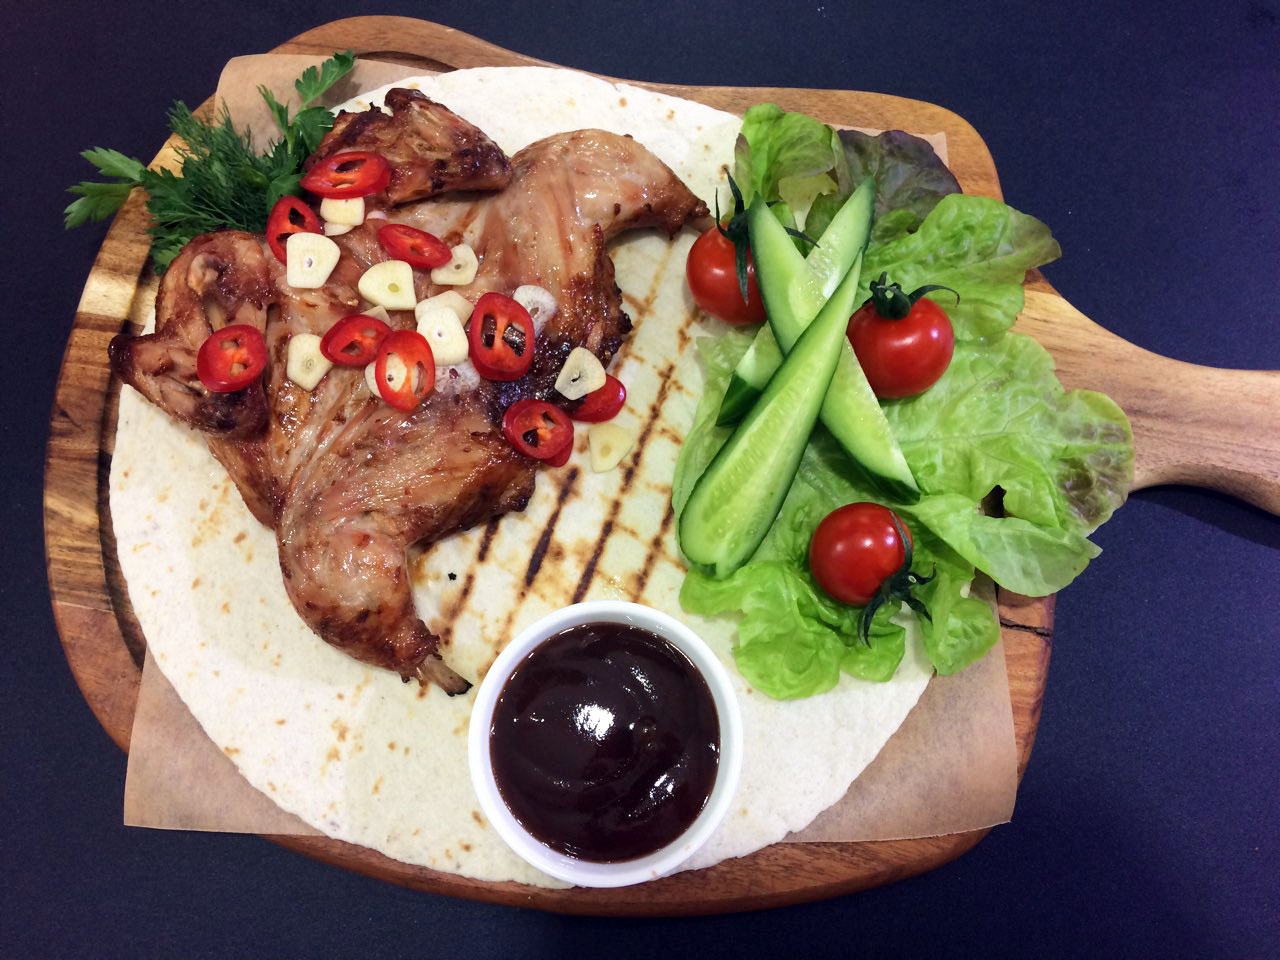 Цыпленок корнишон на гриле - в ресторане Аннам Брахма в Оренбурге